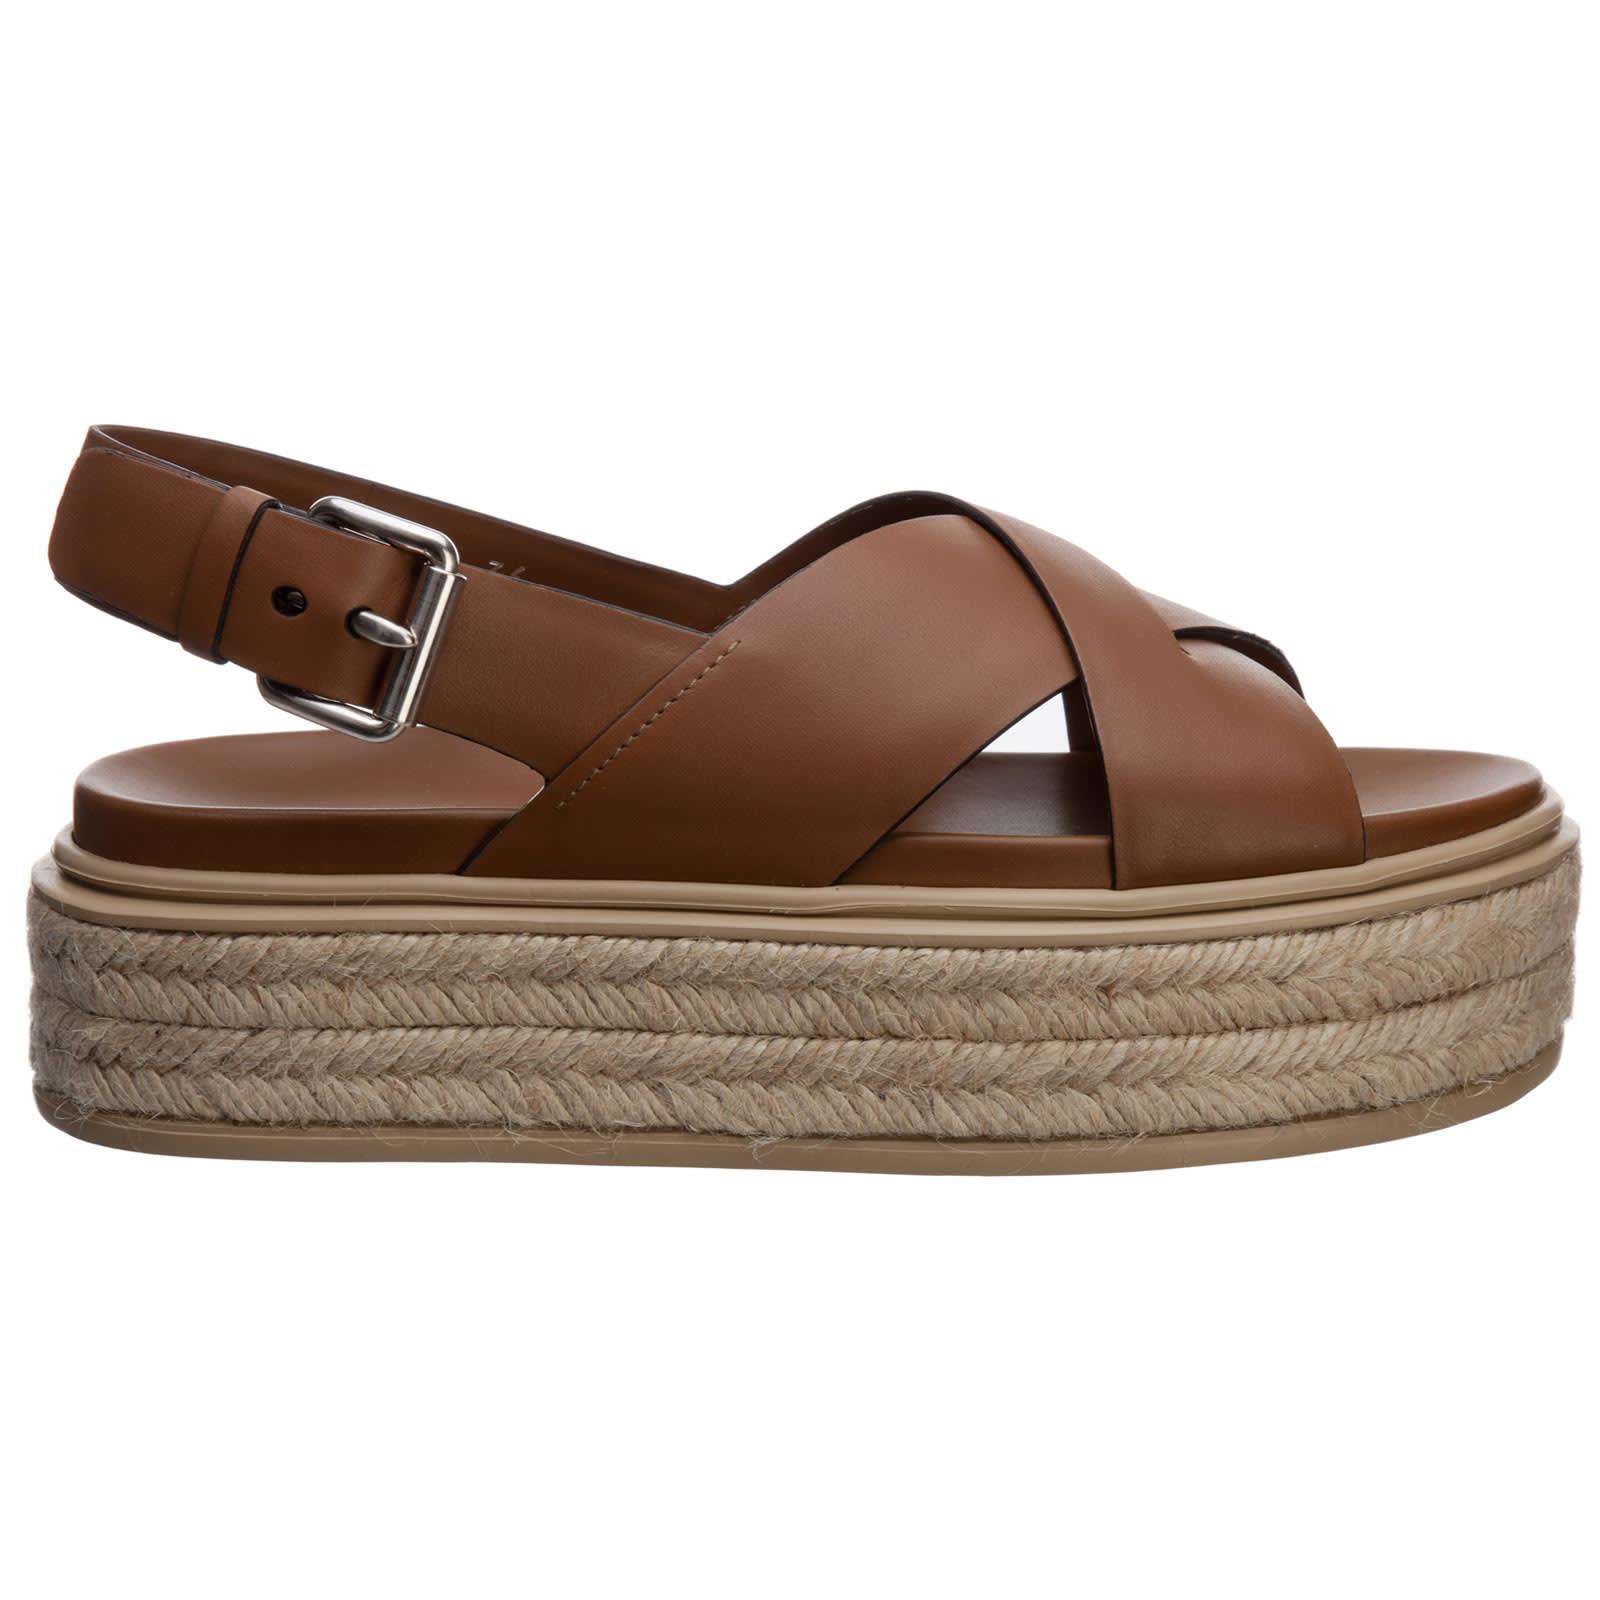 Prada Teddy Bear Sandals